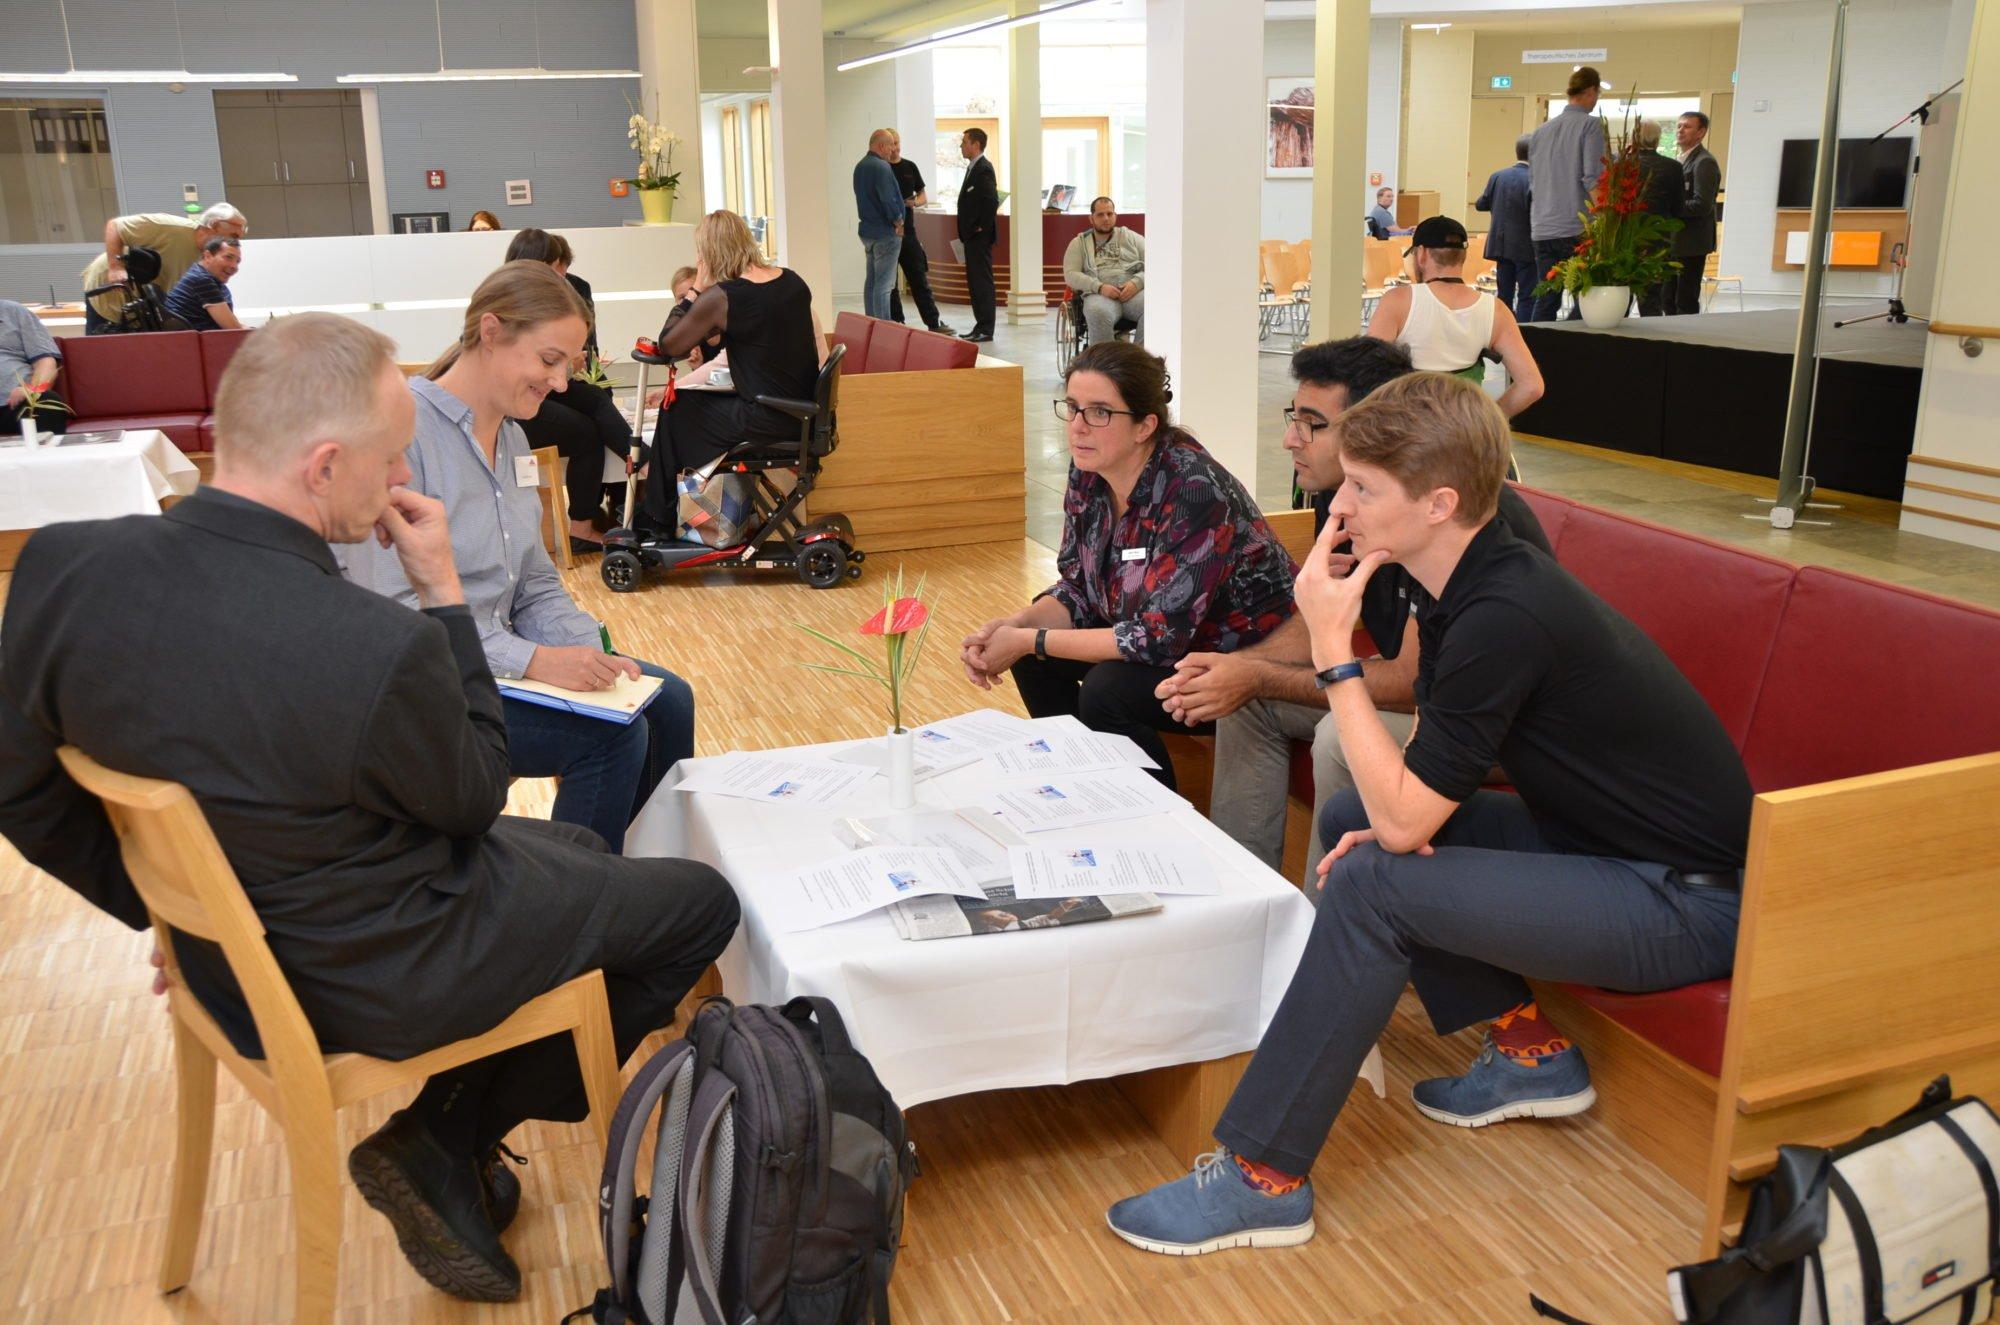 Zu sehen sind mehrere Personen, die miteinander sprechen. Im Hintergrund sind weitere Personen im Gespräch zu sehen. 2012 erhielt Rob Labruyère eine Belobigung für seine Dissertation zum Lokomat.